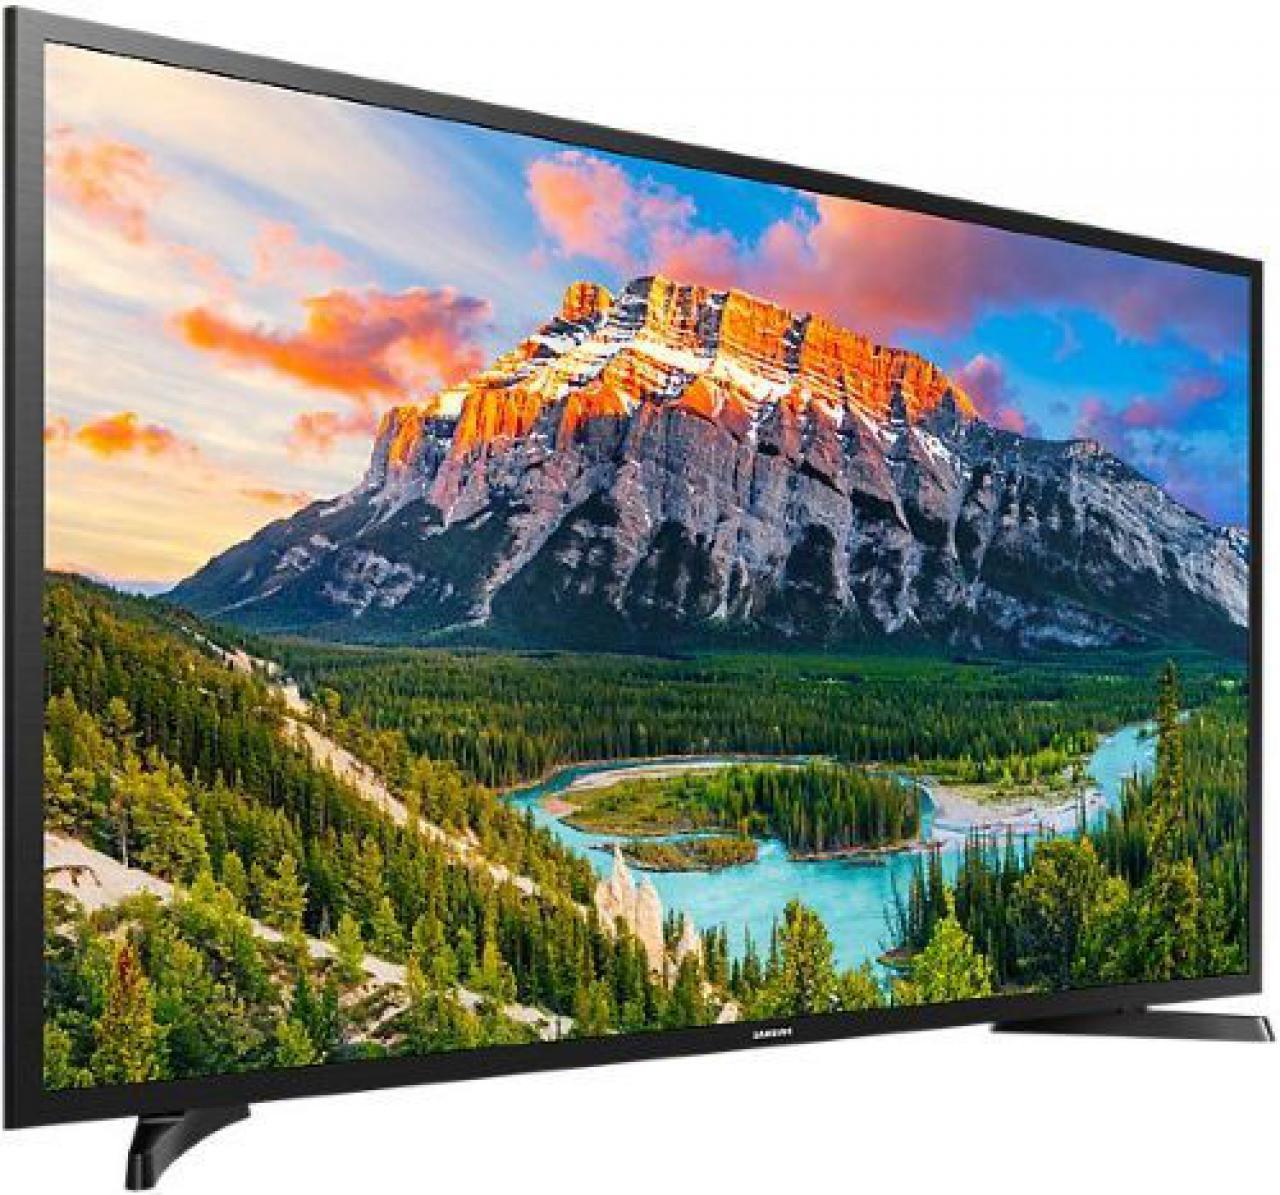 Samsung UE43N5000AU 42.5